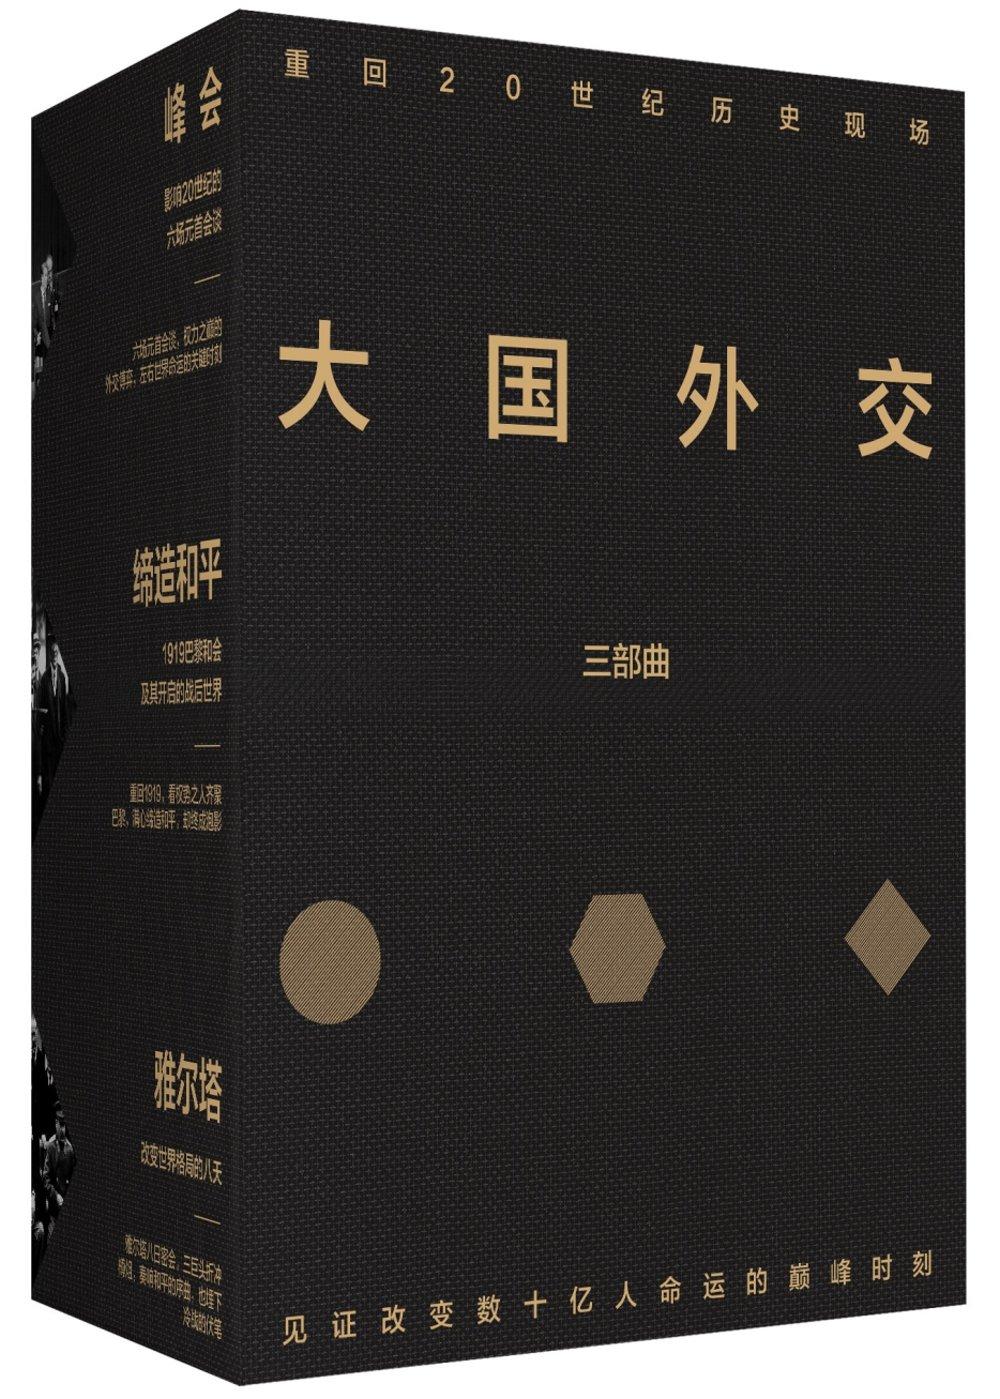 大國外交三部曲(全三冊)